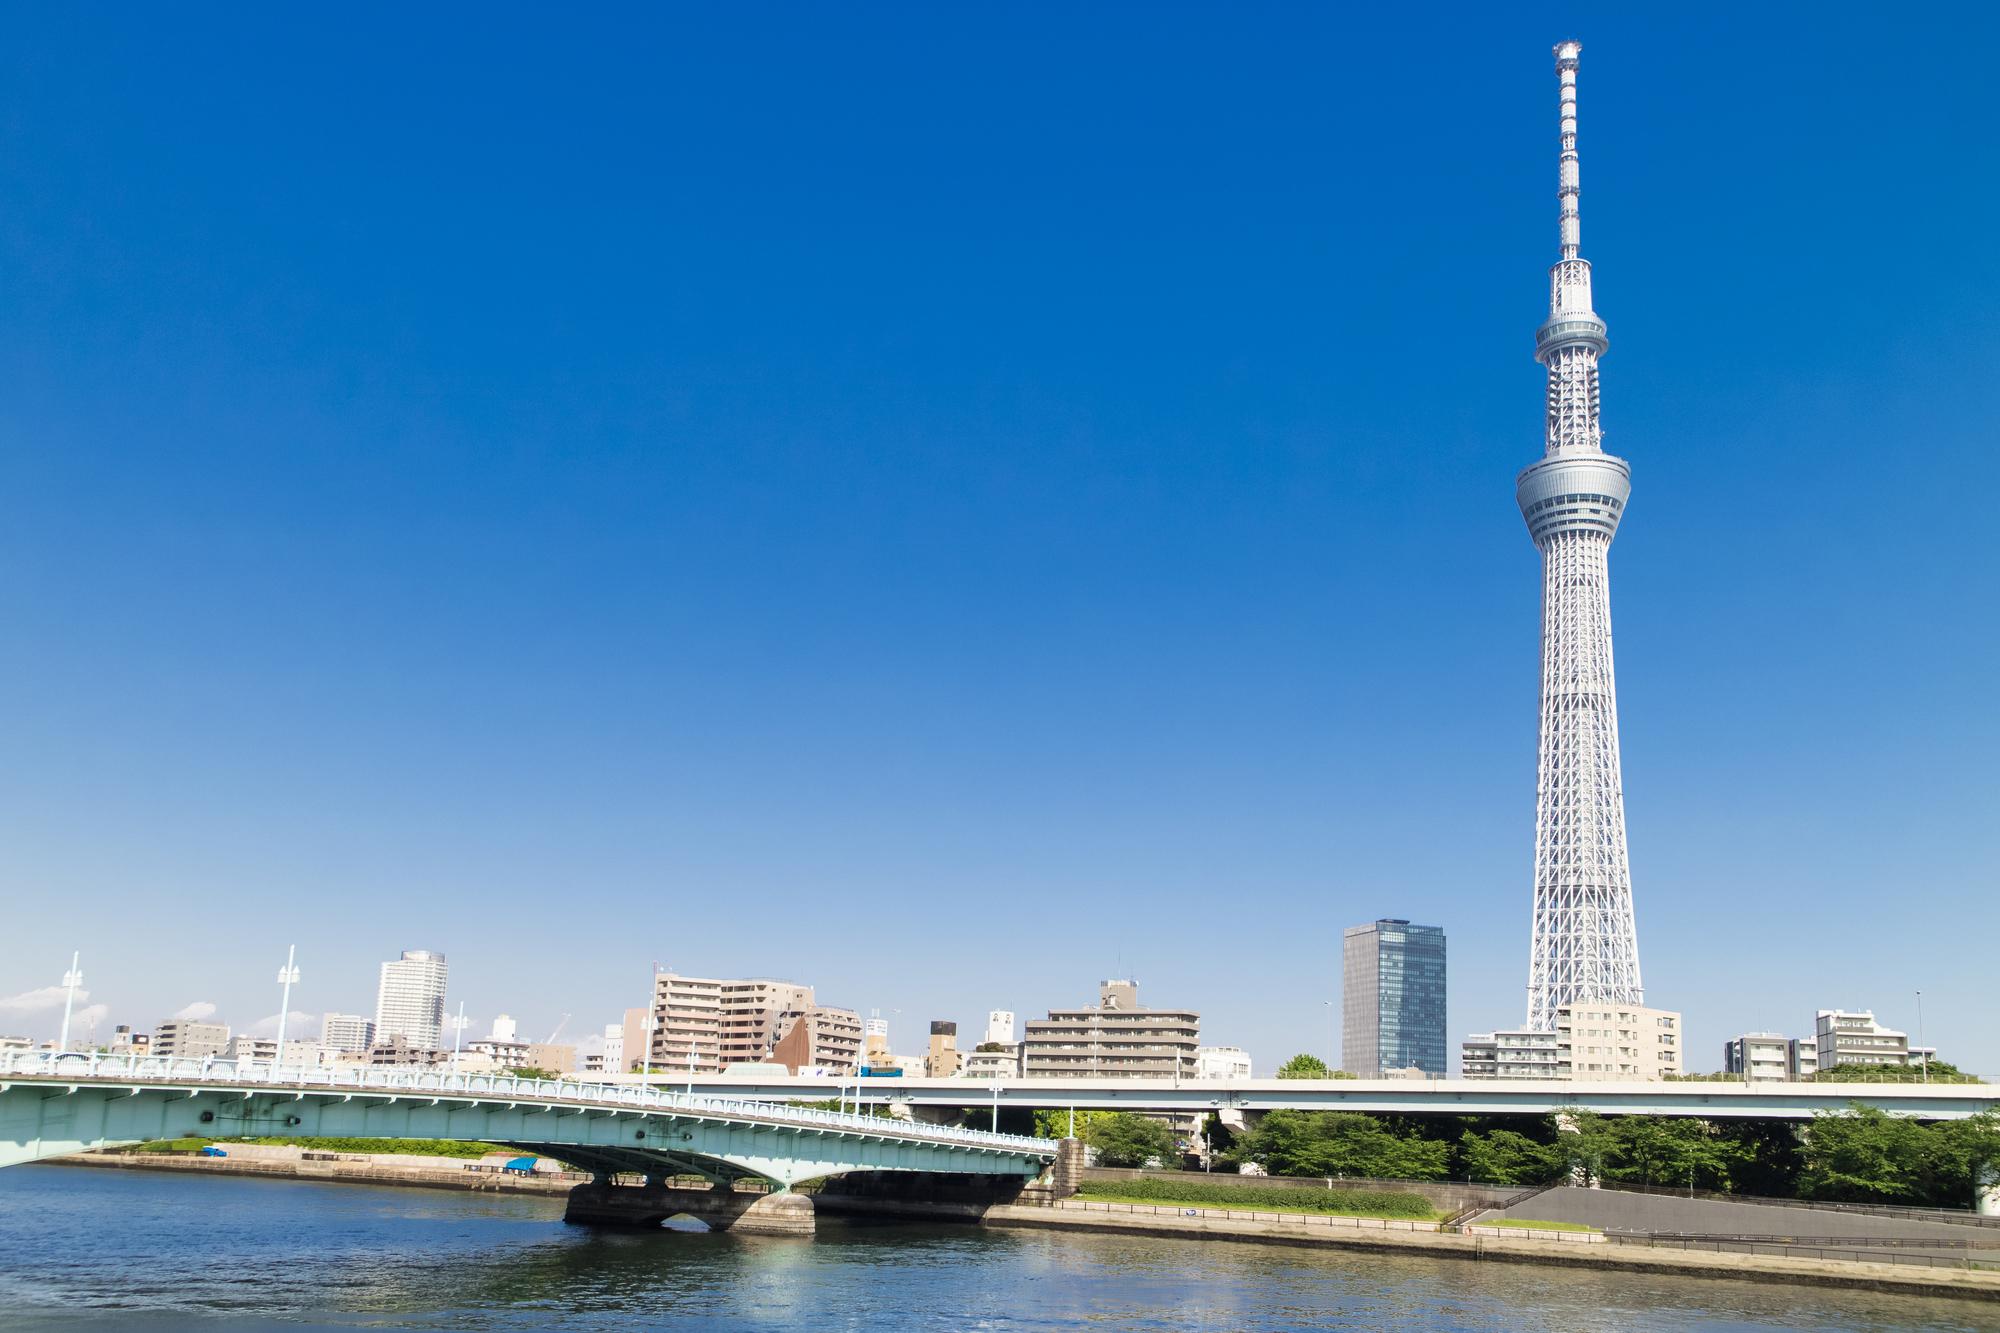 スカイツリーが見える隅田川と屋形船